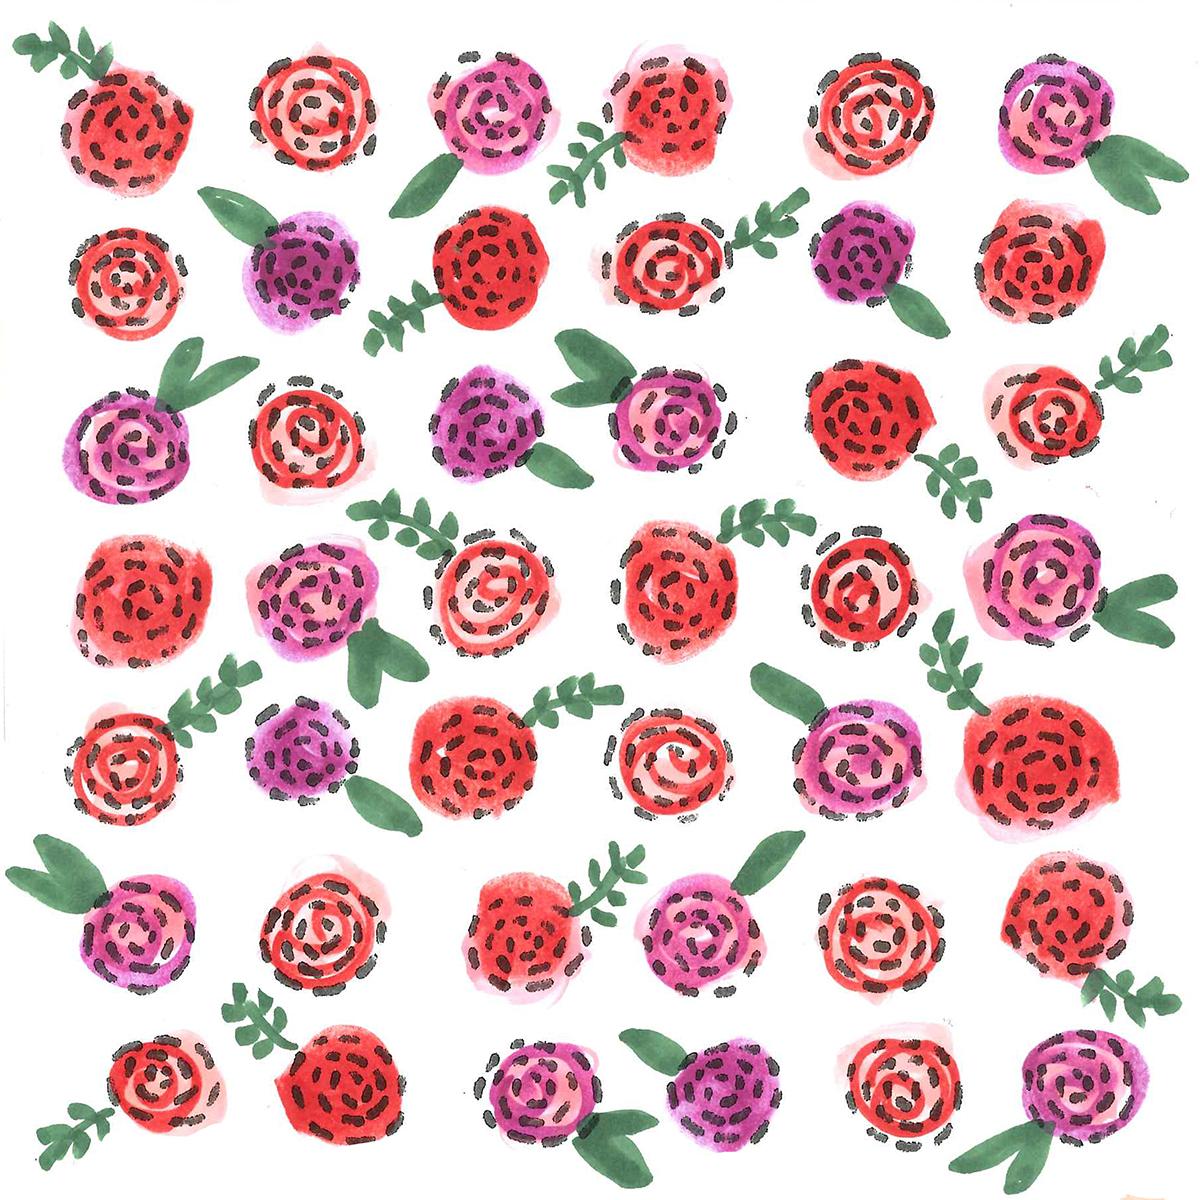 MollySydnor_Floral32.jpg